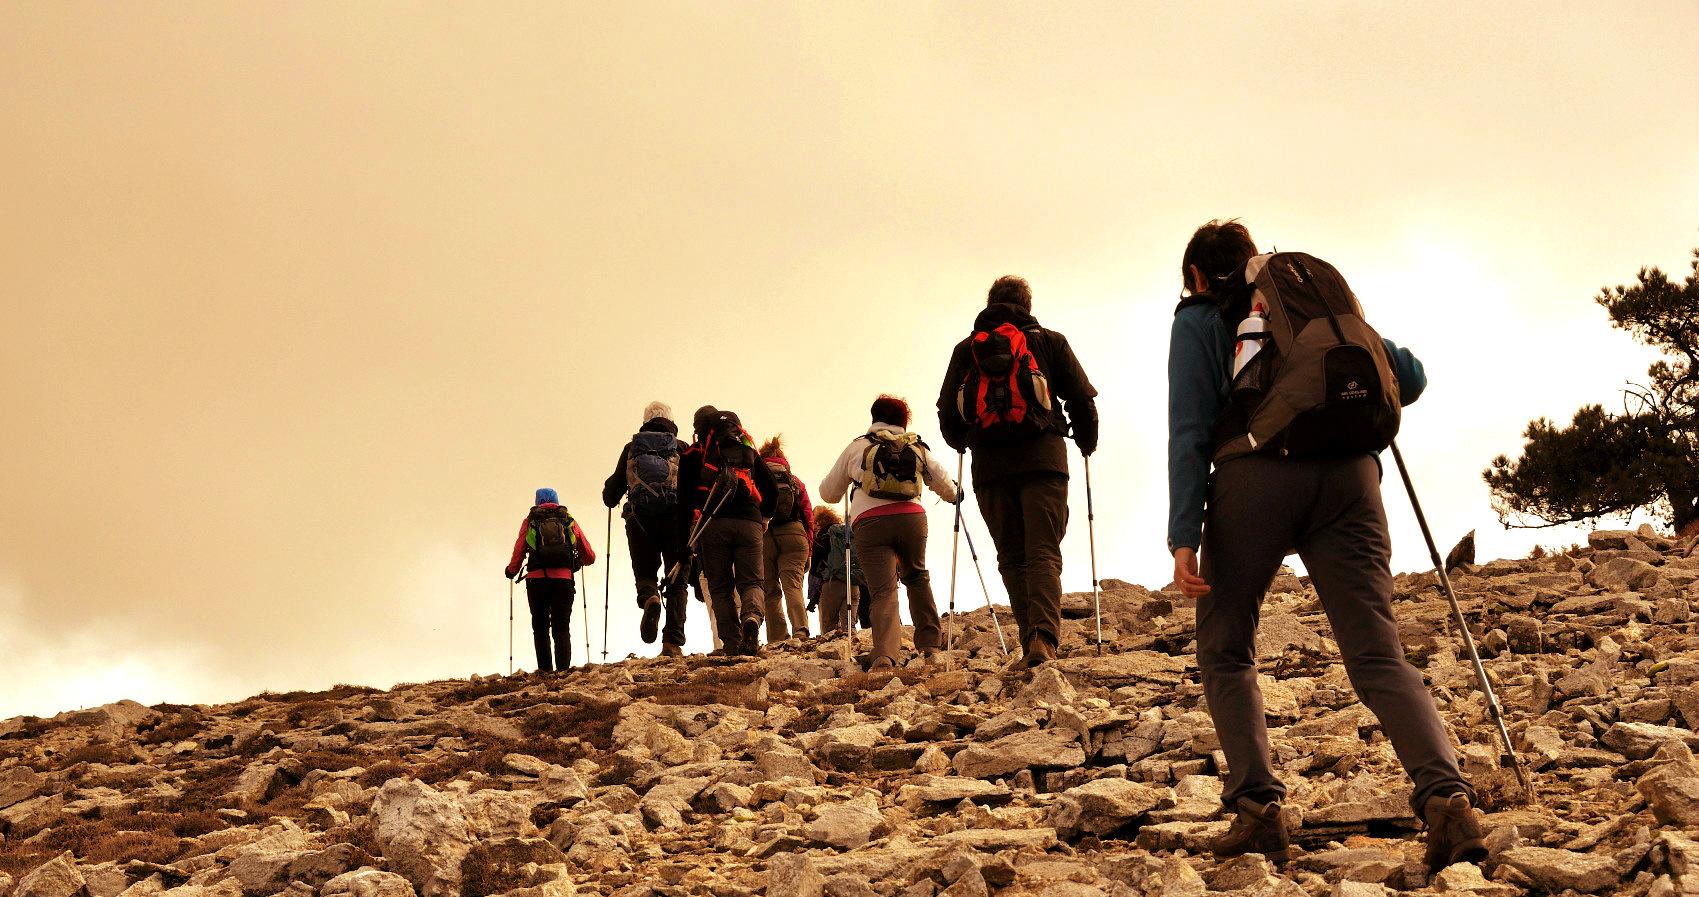 Avoid main trails,embrace uniqueness